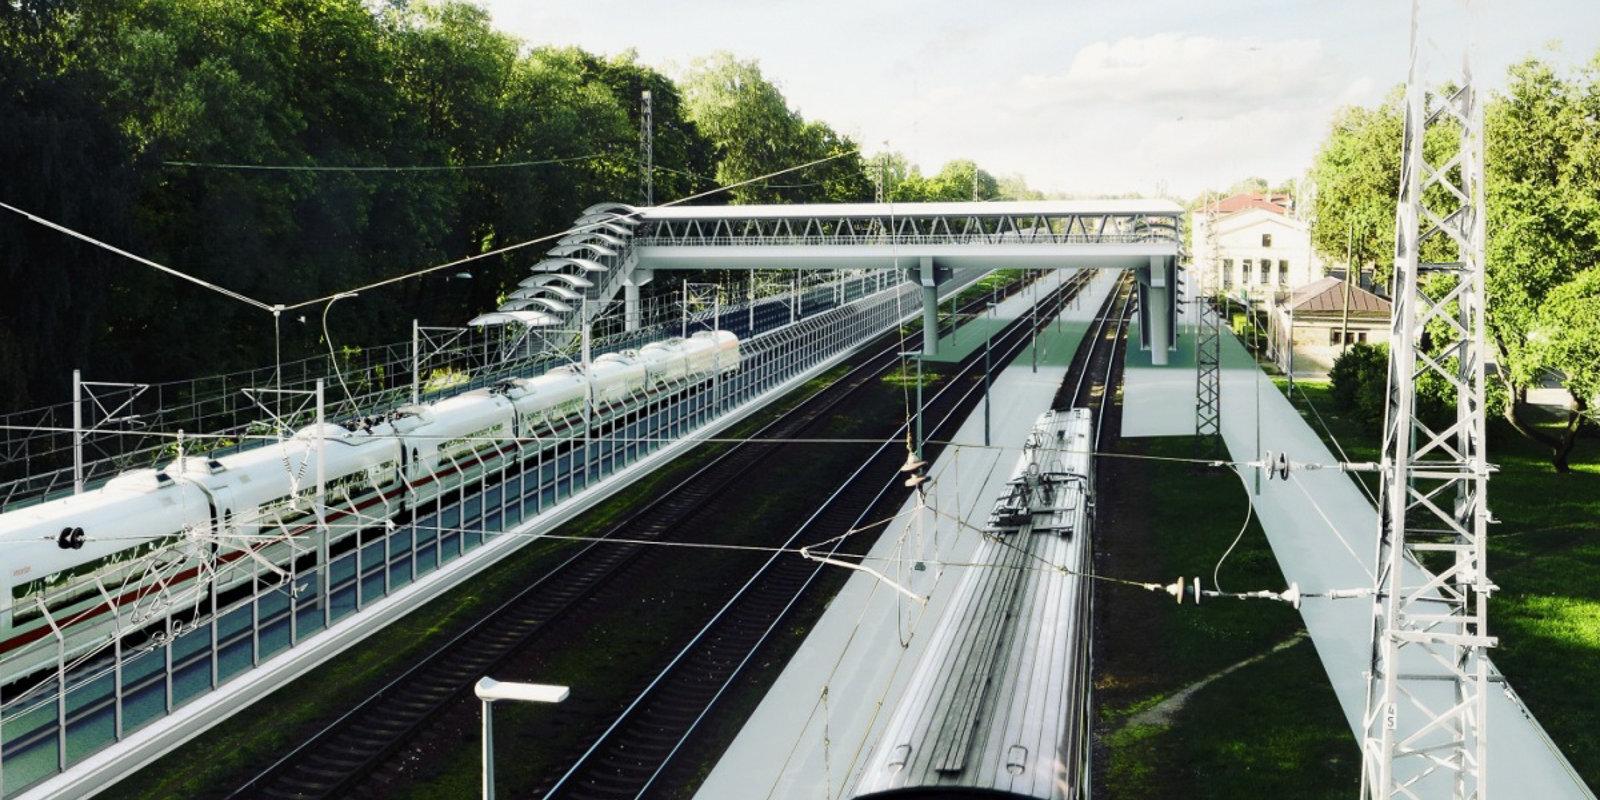 'Iet cauri Pārdaugavai kā buldozers' – apkaimes skandē trauksmes zvanus par 'Rail Baltica' ieviešanu